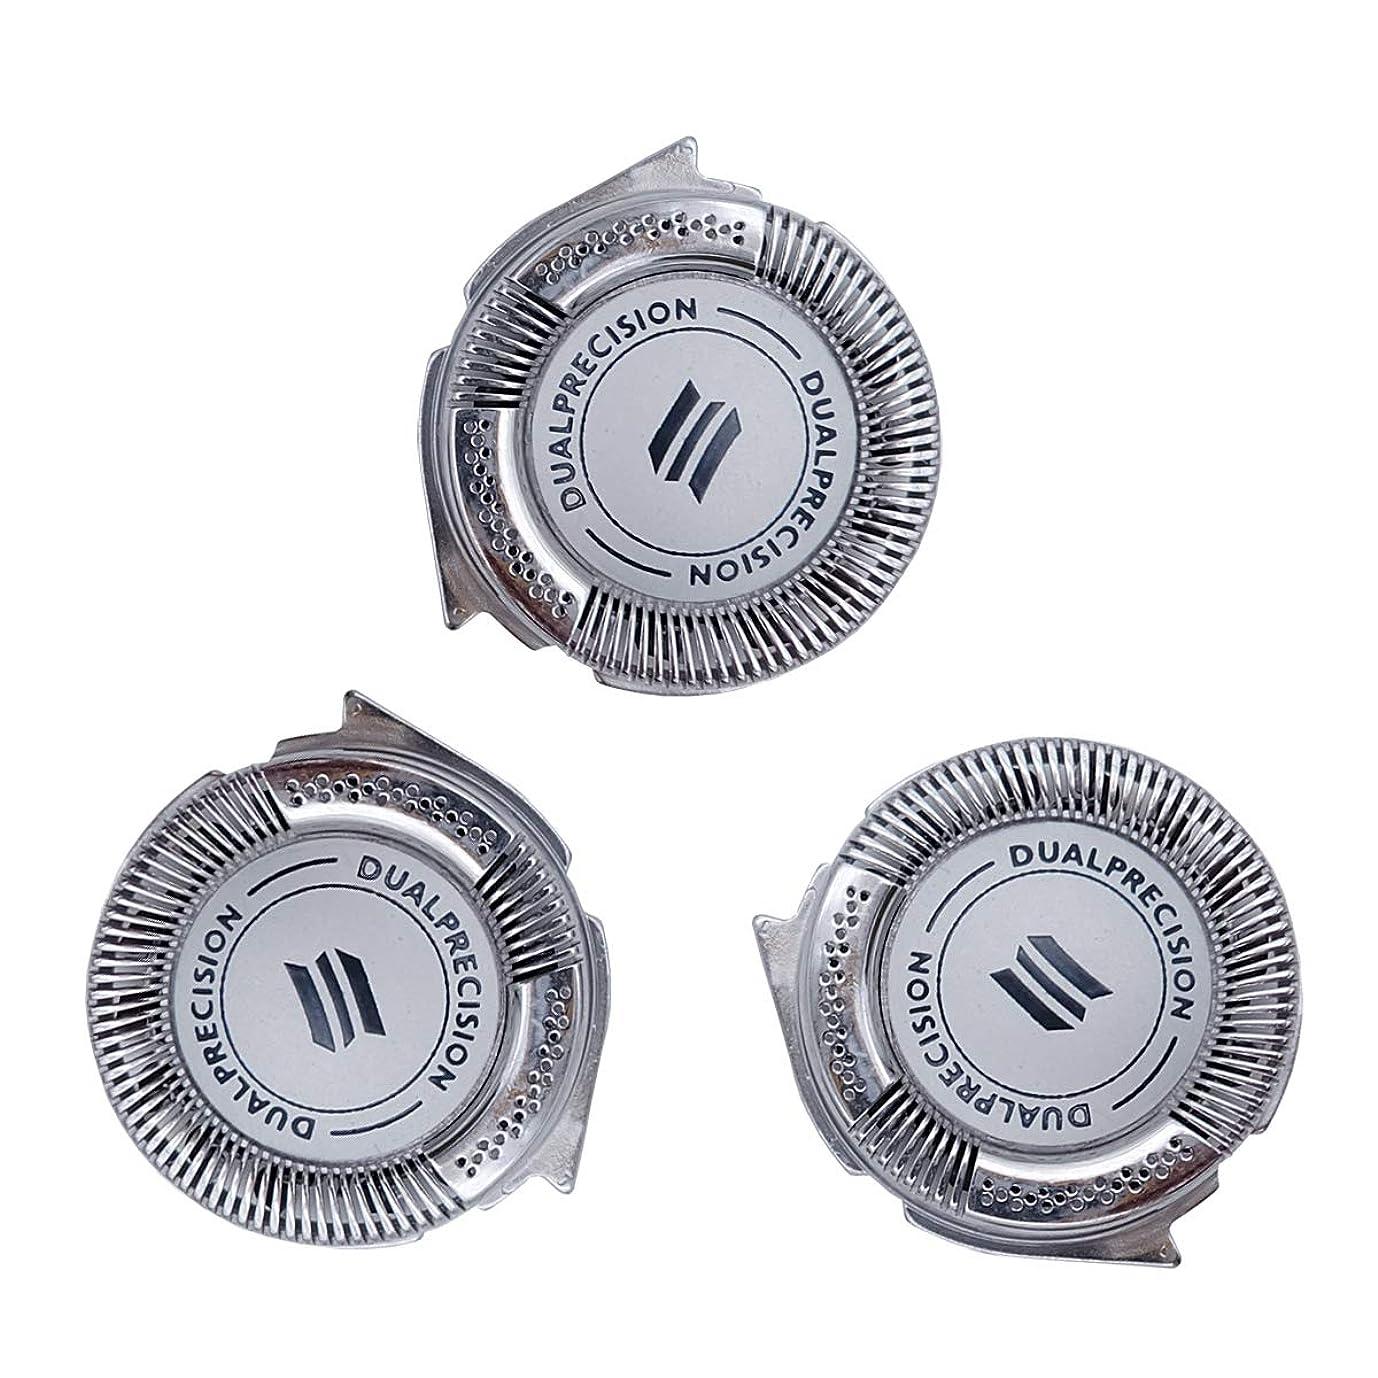 応答ラジエータープロジェクターシェーバーカミソリヘッド交換替え刃 に適用するPhilips HQ8 DualPrecisionヘッド(3個)